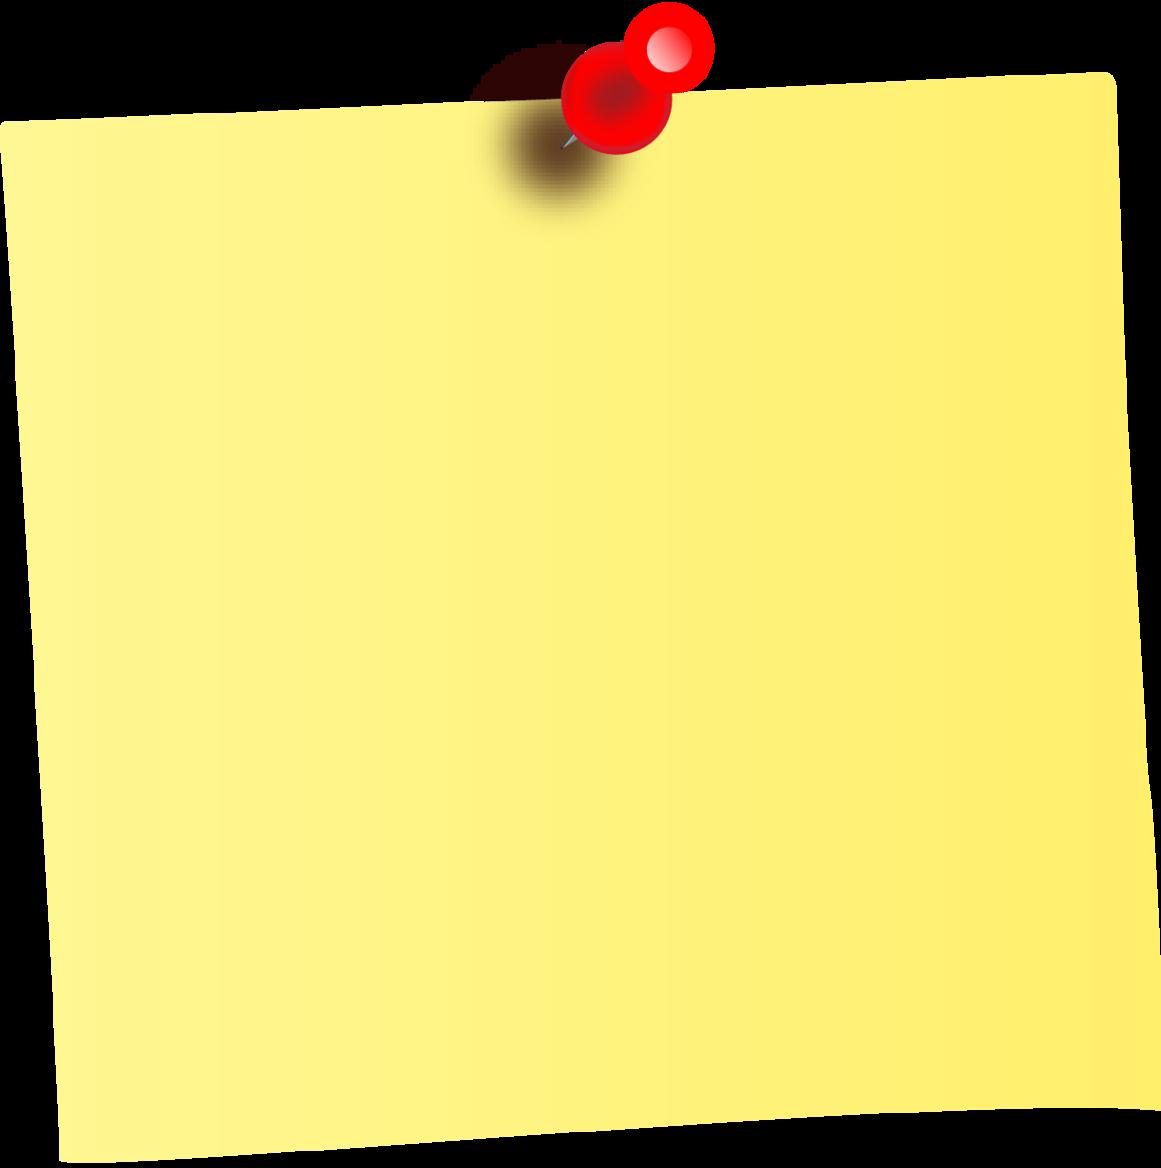 sticky-note-png-32848